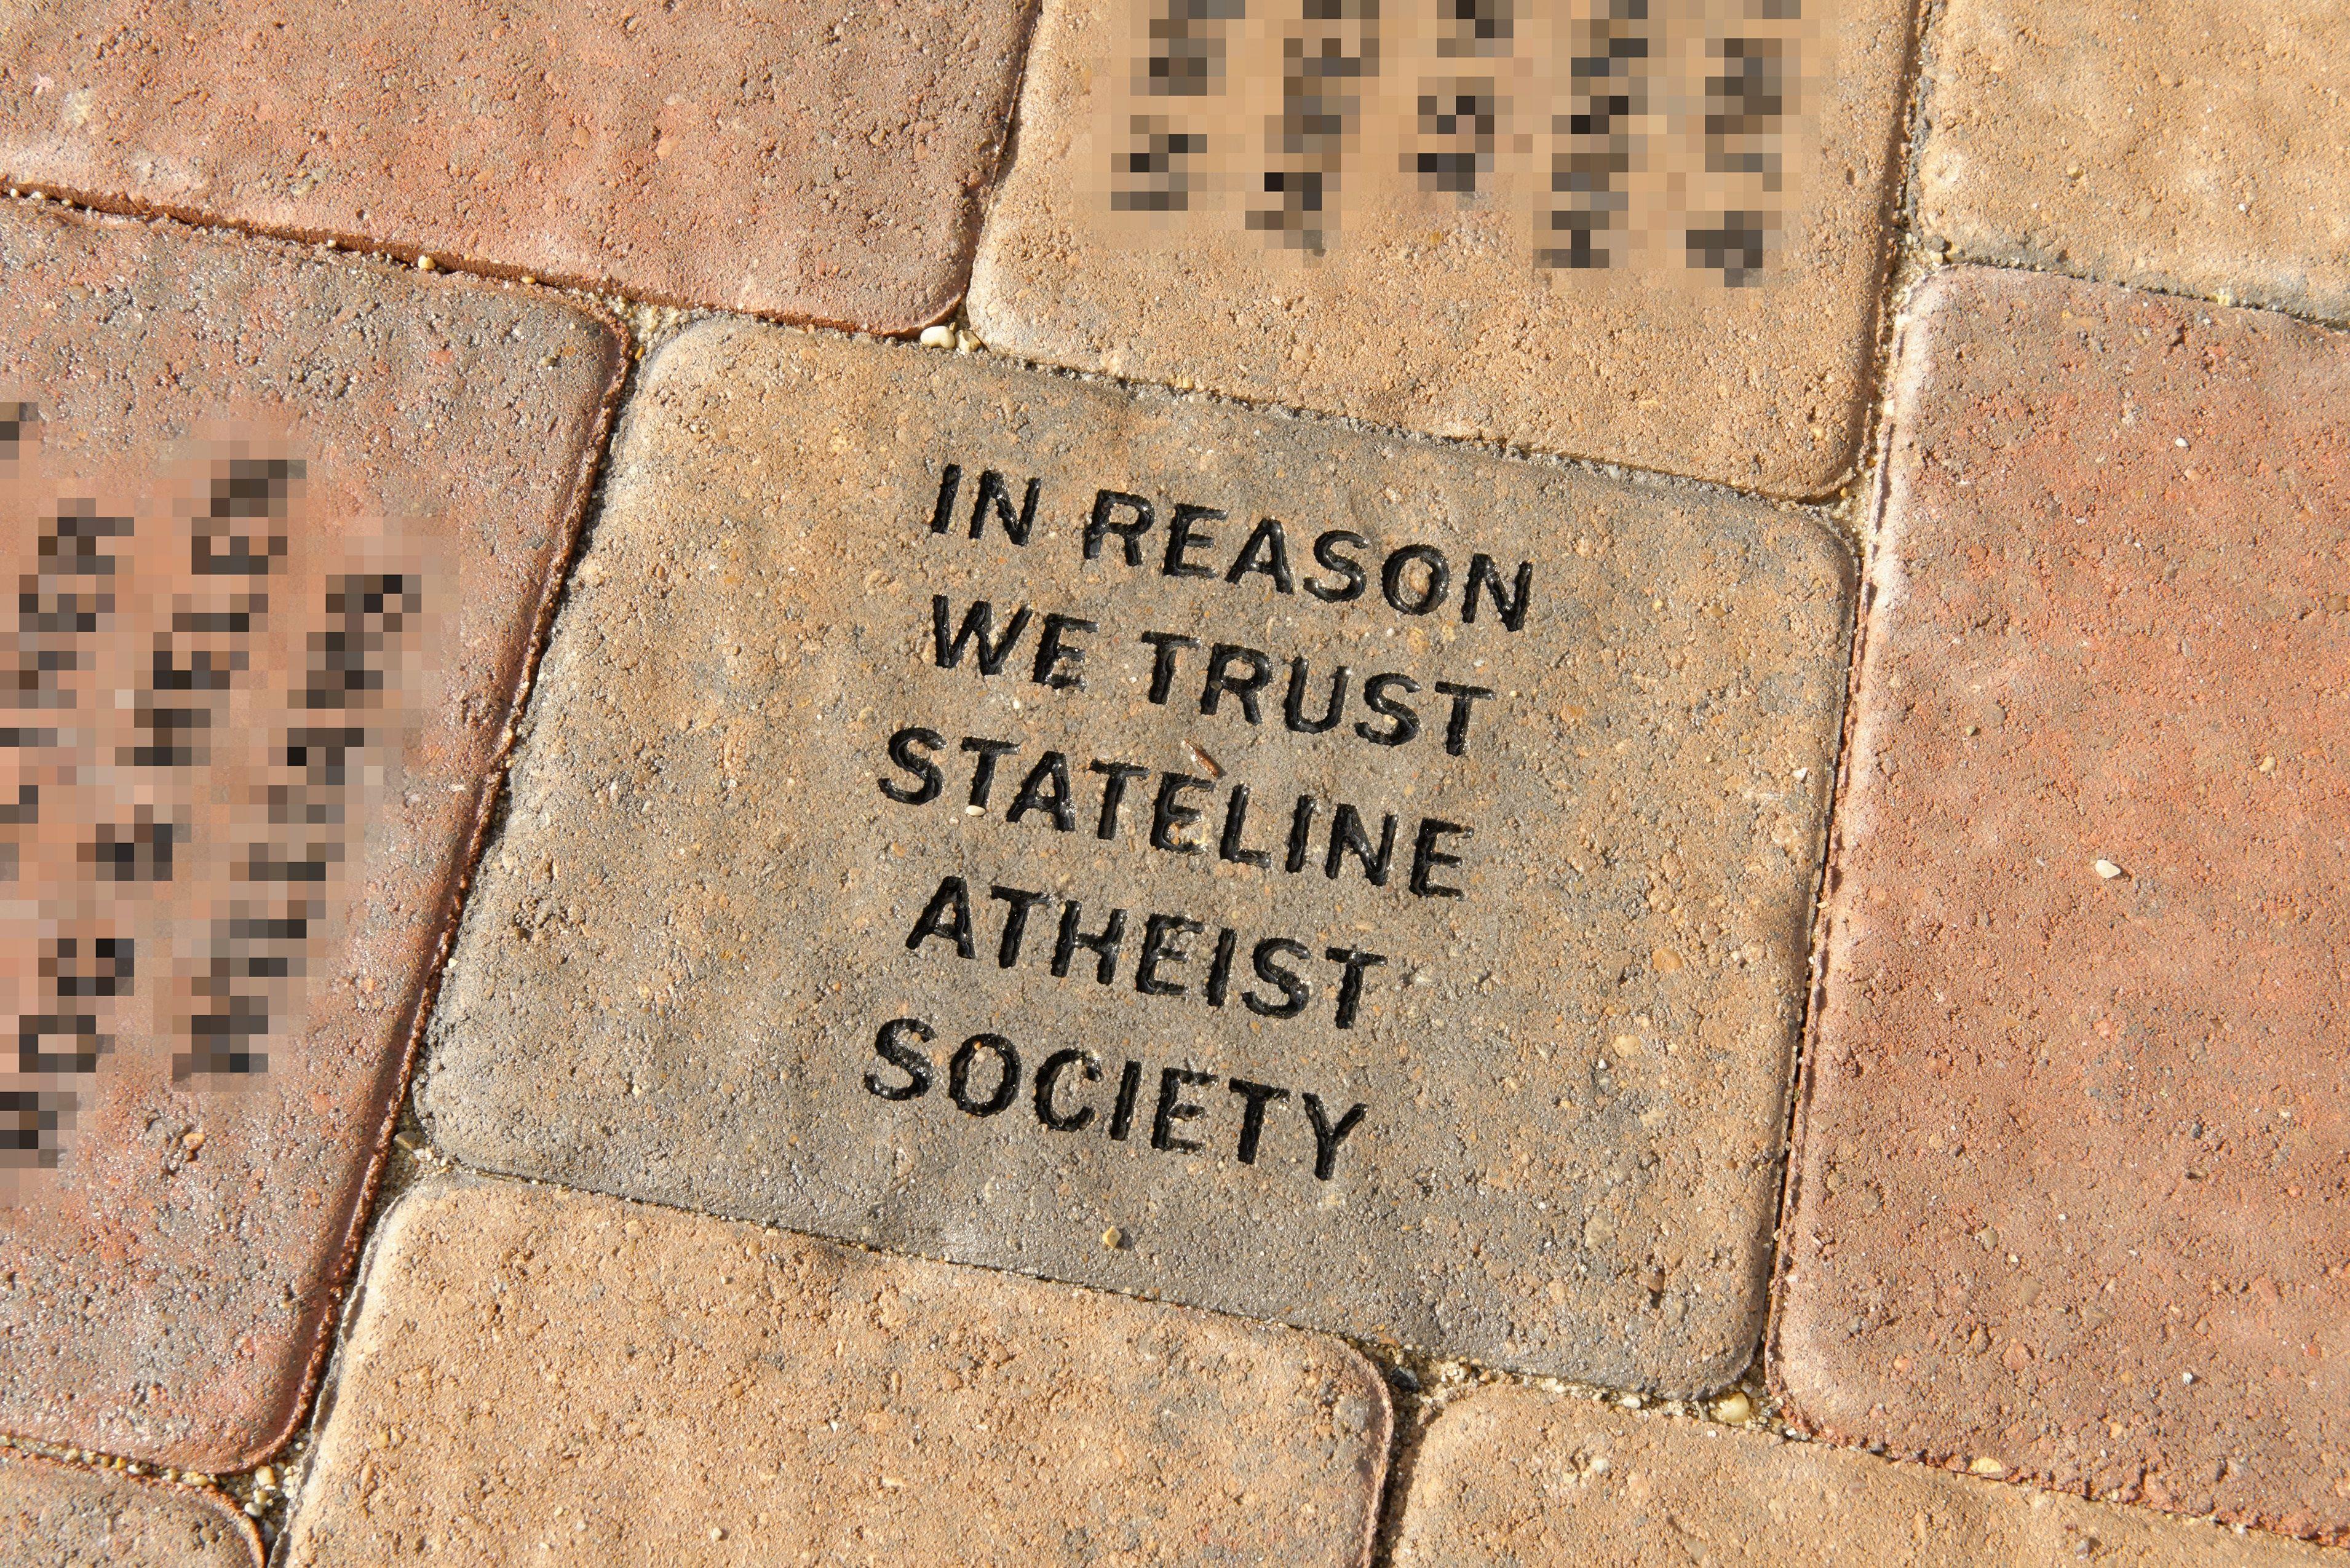 IL/WI Stateline Atheist Society